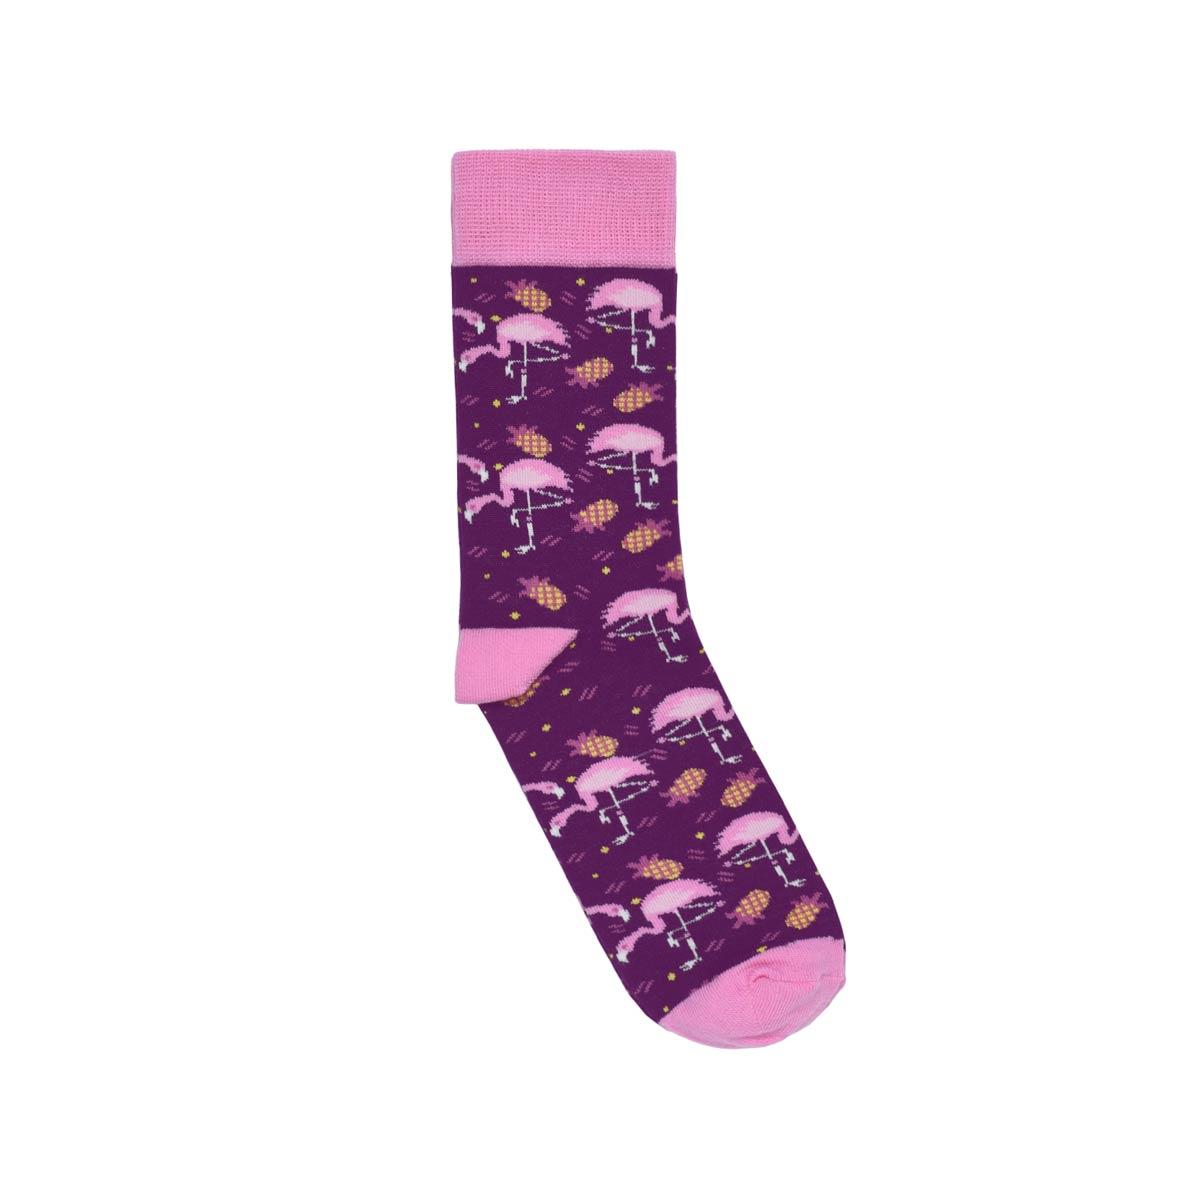 CH-00761-A12-chaussettes-fantaisie-violet-rose